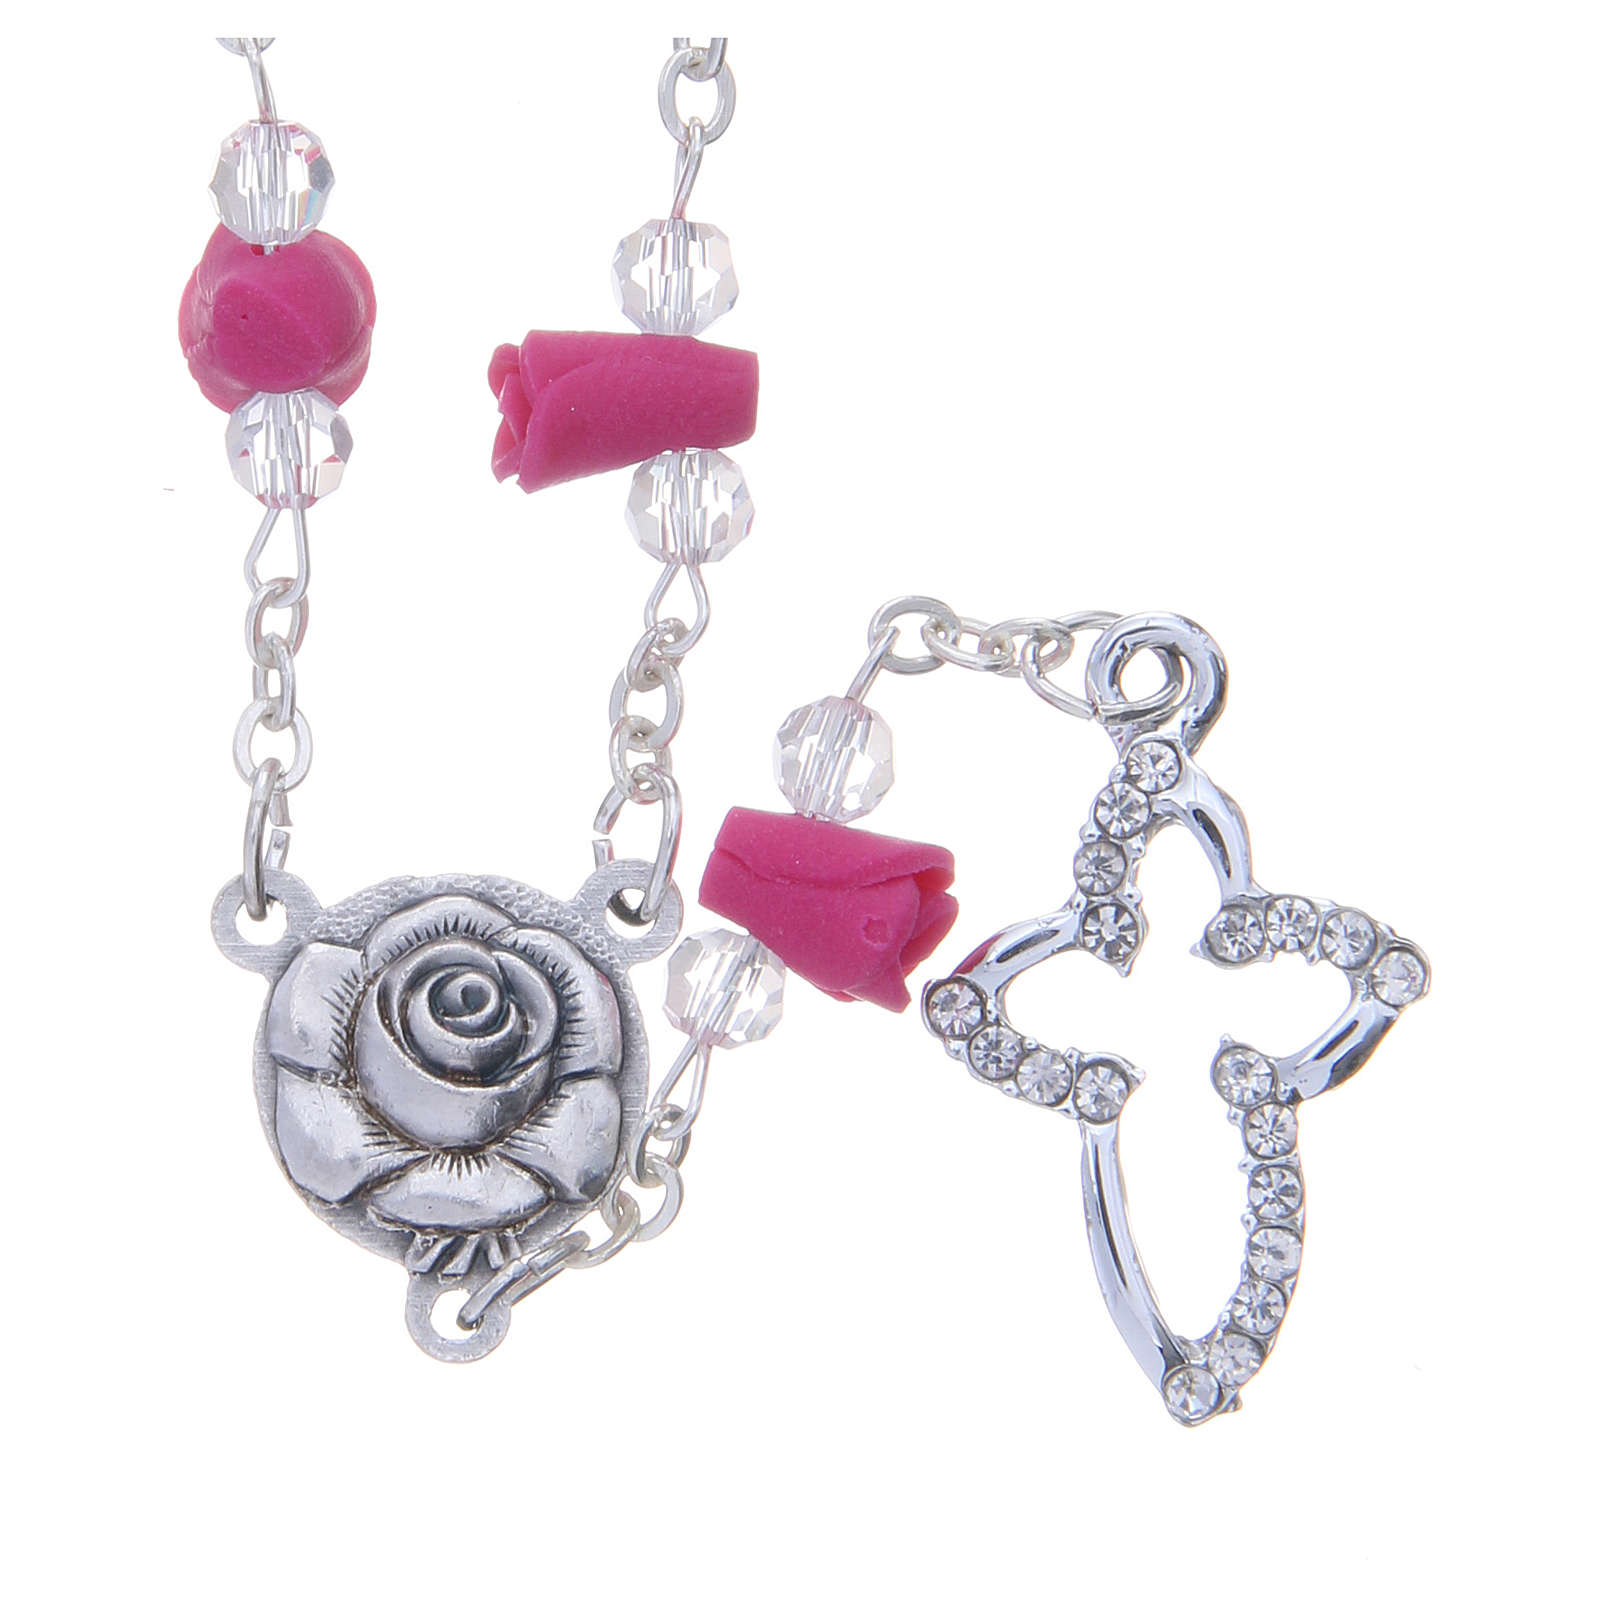 Collier chapelet Medjugorje fuchsia roses céramique grains cristal 4